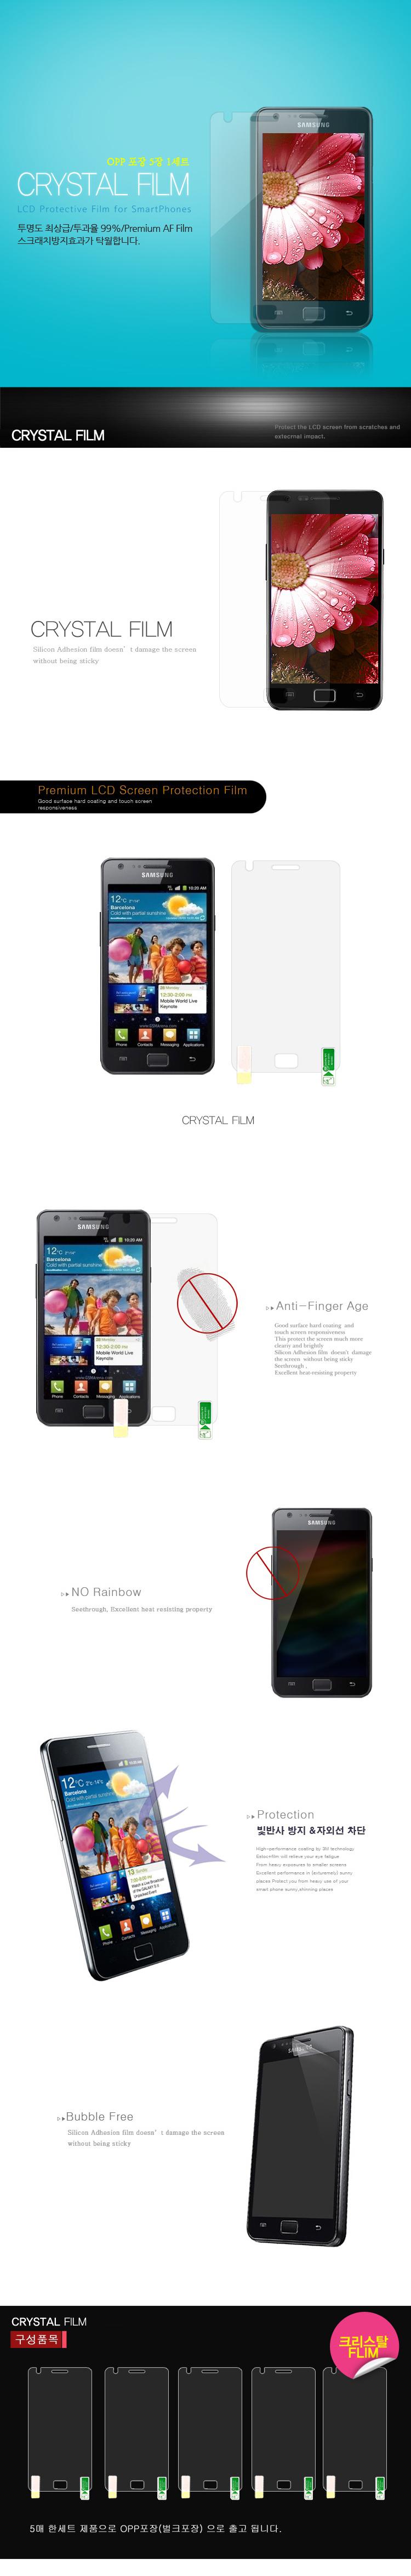 크리스탈 필름 투명도 최상급/투과율99%/Premium AF Film 스크래치 방지효과가 탁월합니다. Anti-Finger Age No rainbow Protection 빛 반사 방지 & 자외선 차단 Bubble Free